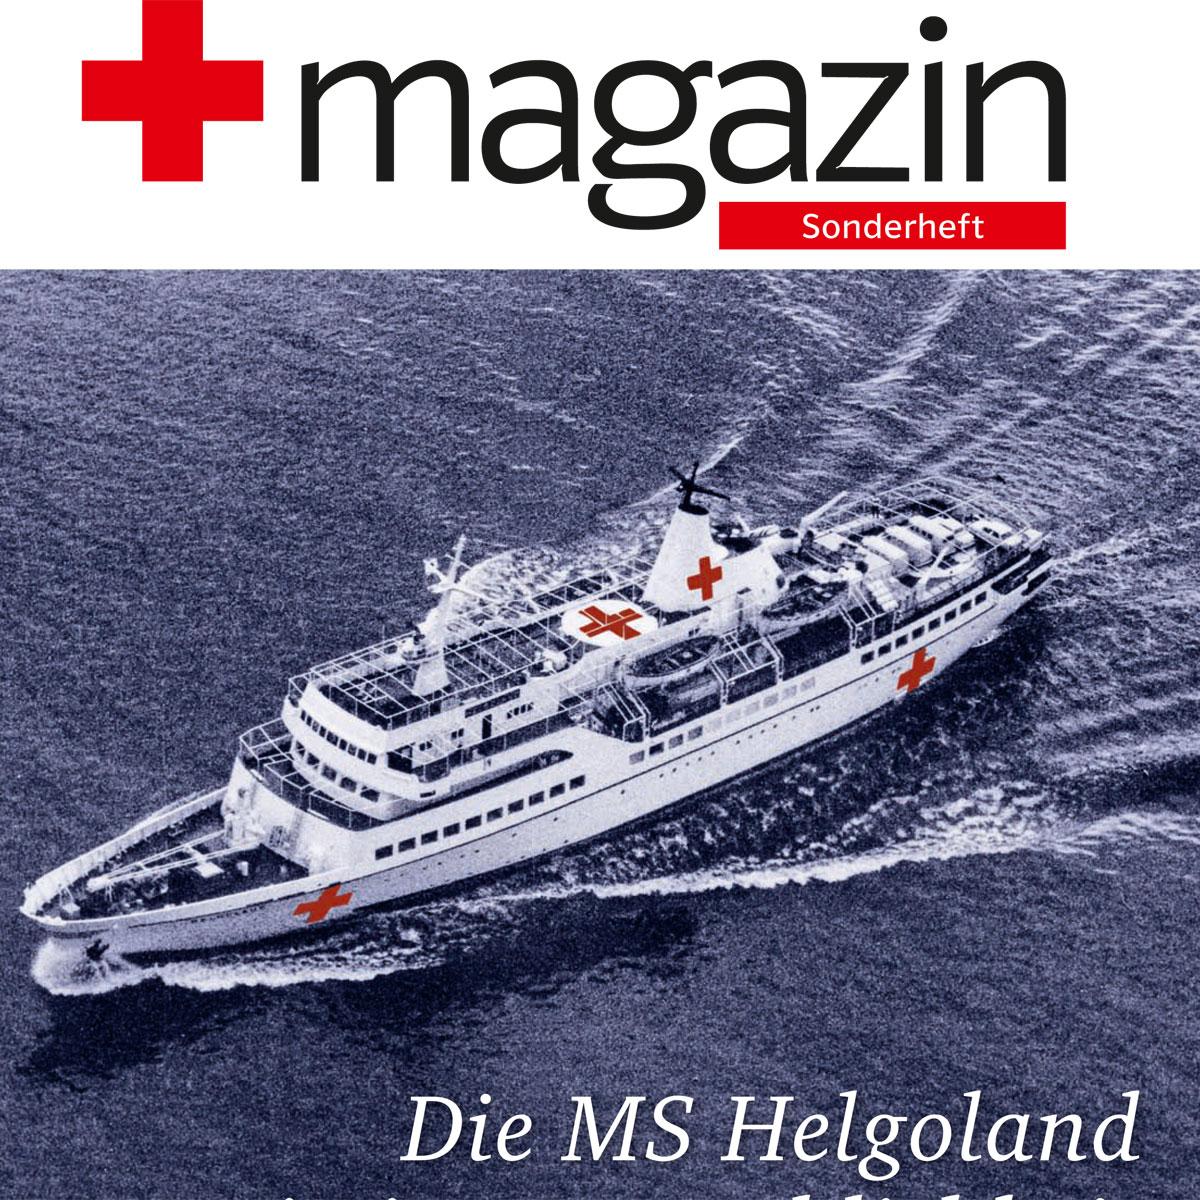 Sonderheft MS Helgoland Einsatz